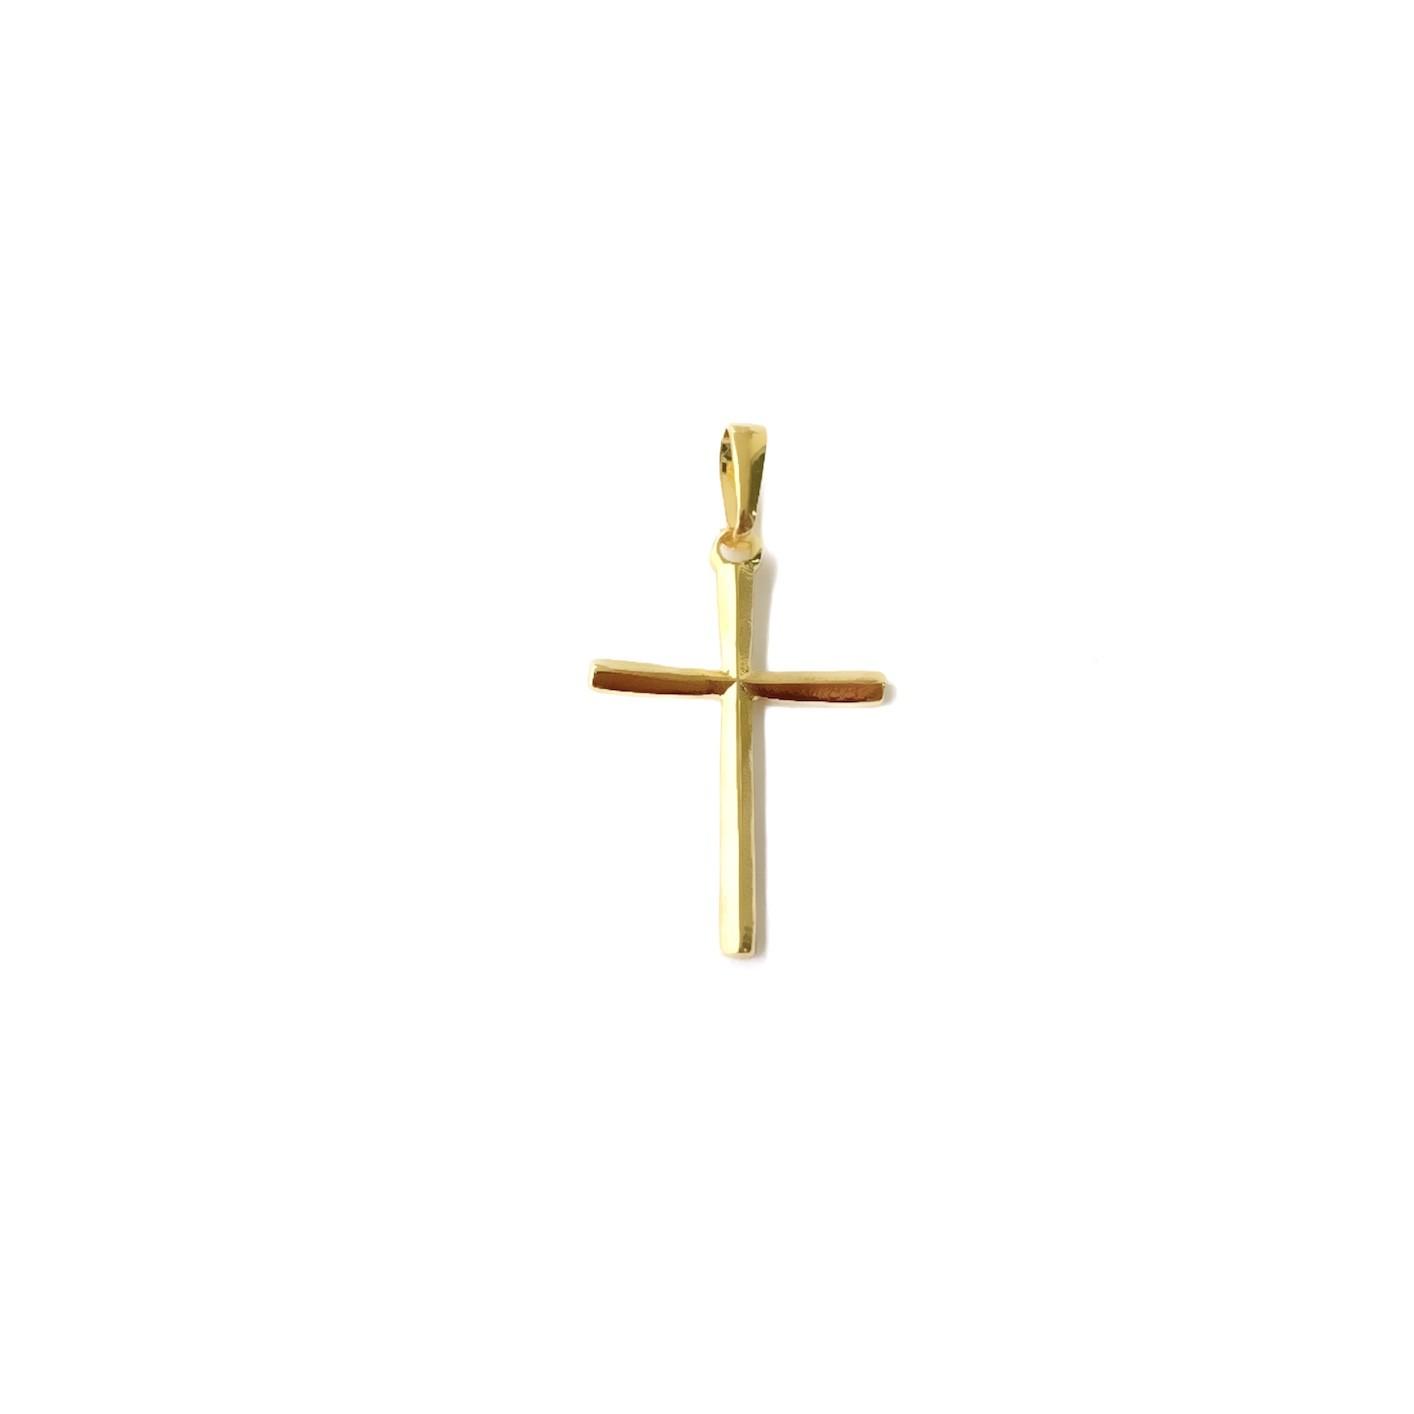 Pingente Crucifixo Texturizado 1,8cm X 2,8cm